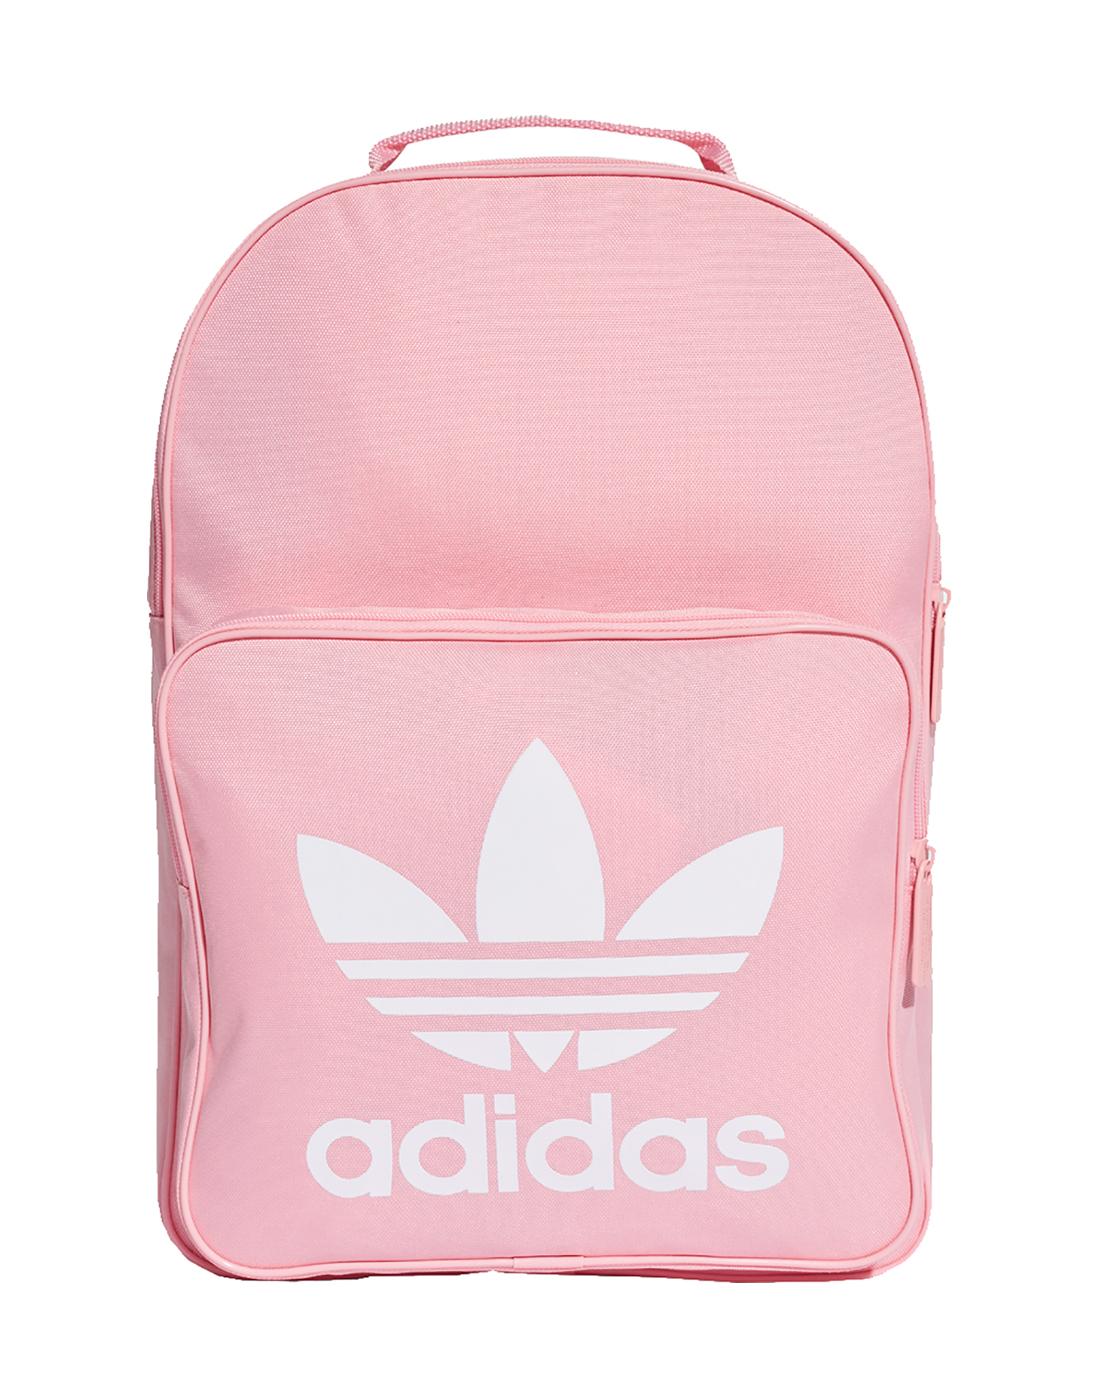 6cfa4ef45b adidas Originals. Trefoil Backpack. Trefoil Backpack ...